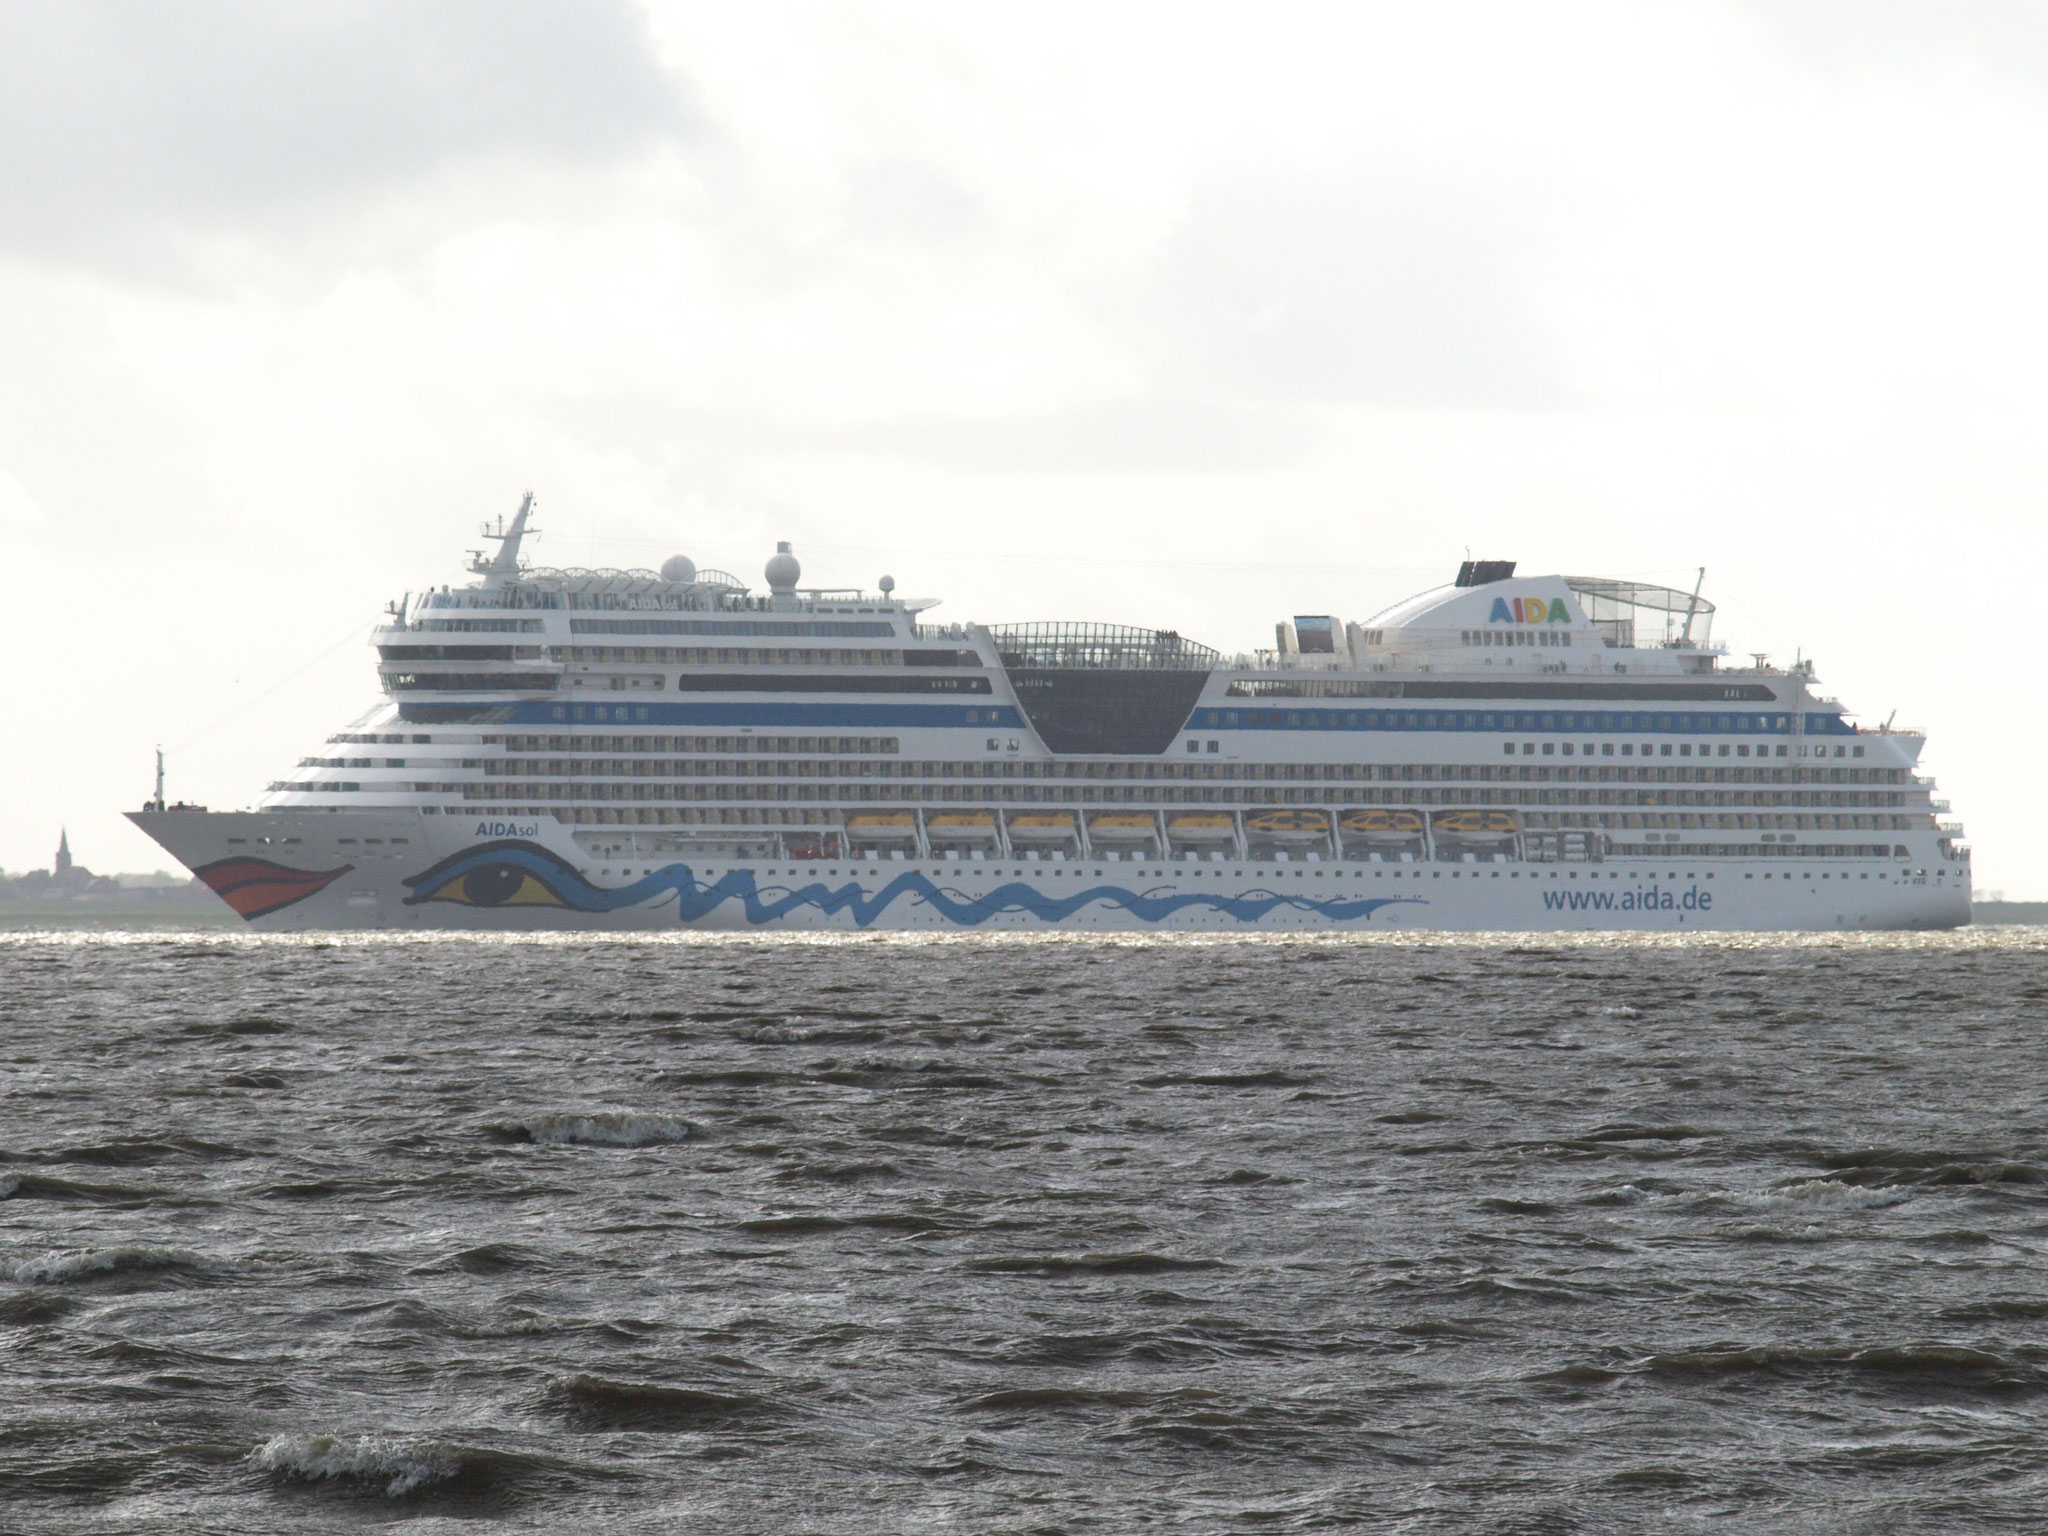 ...gefolgt vom Schwesterschiff Aida sol